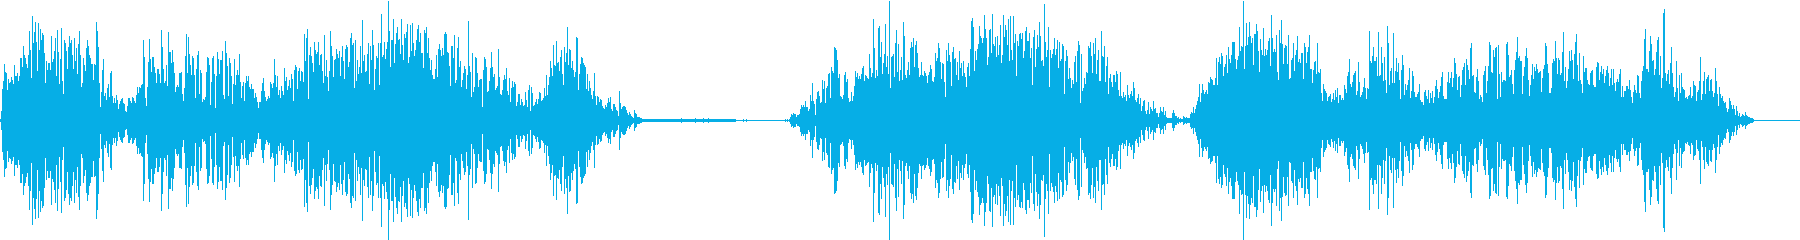 モンスター セリフ 06の再生済みの波形